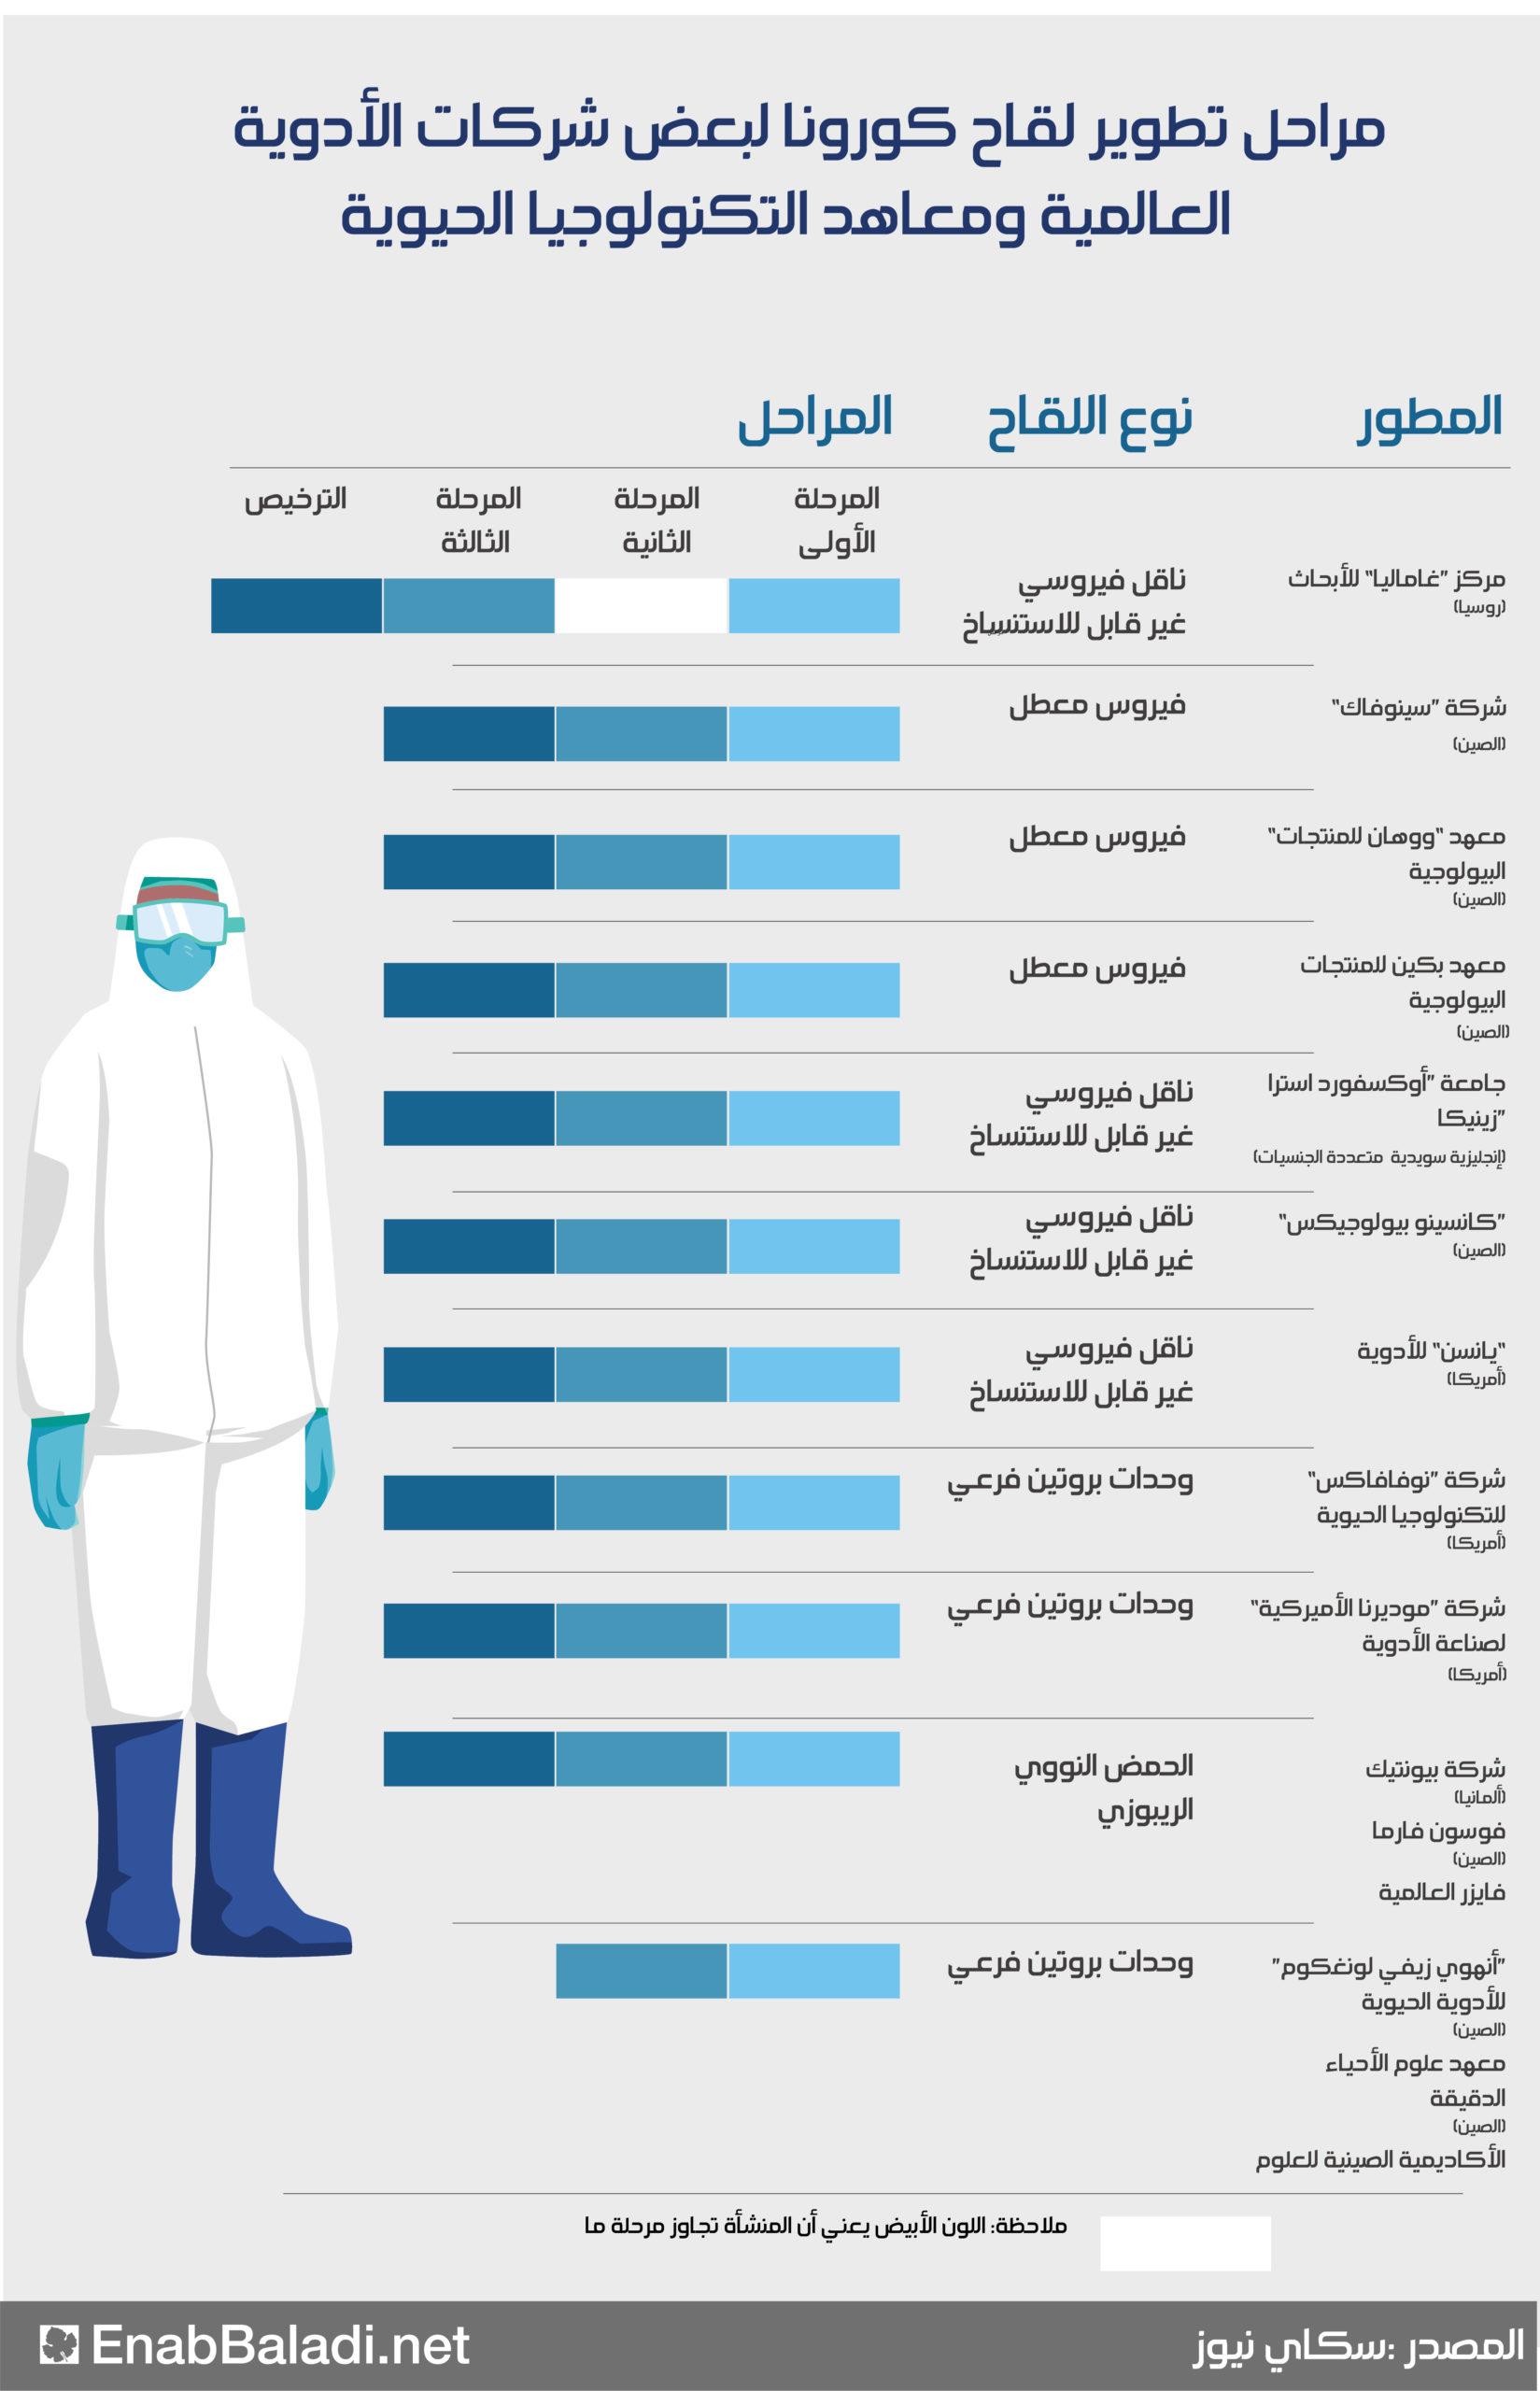 أبرز اللقاحات التي يجري تطويرها عالميًا لفيروس كورونا (عنب بلدي)